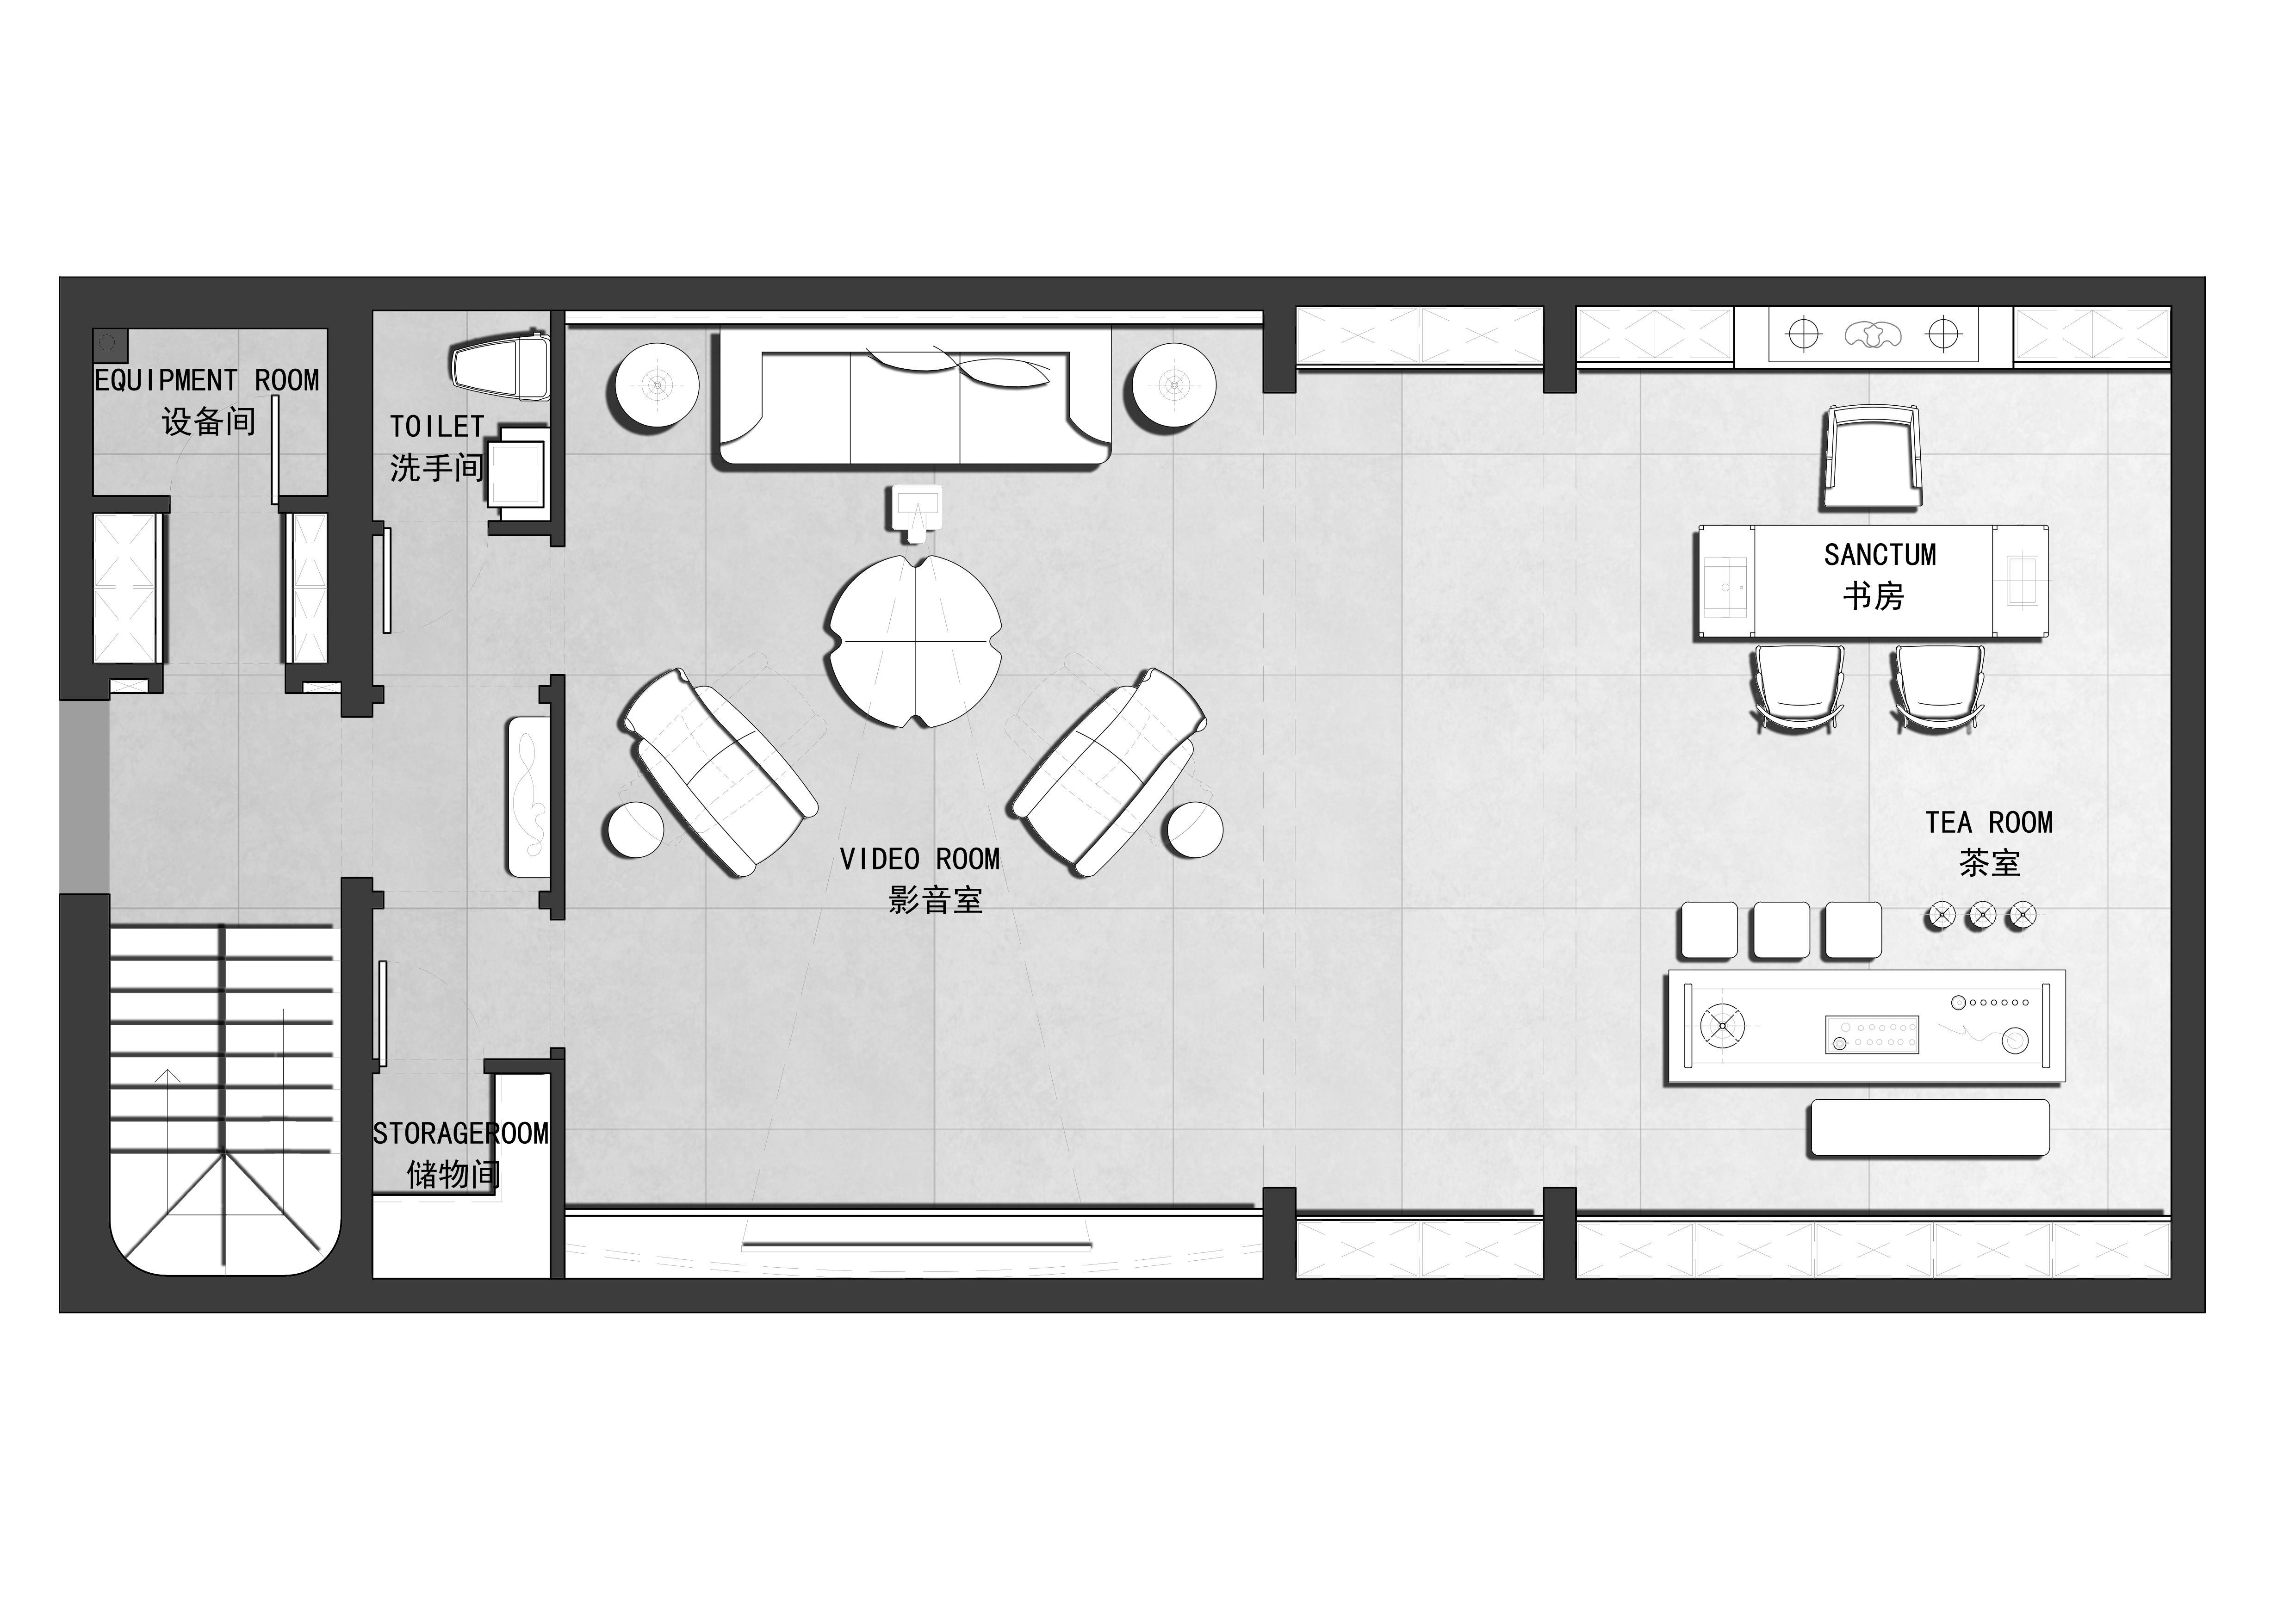 万科八栋墅-300㎡别墅-美式装修效果图装修设计理念